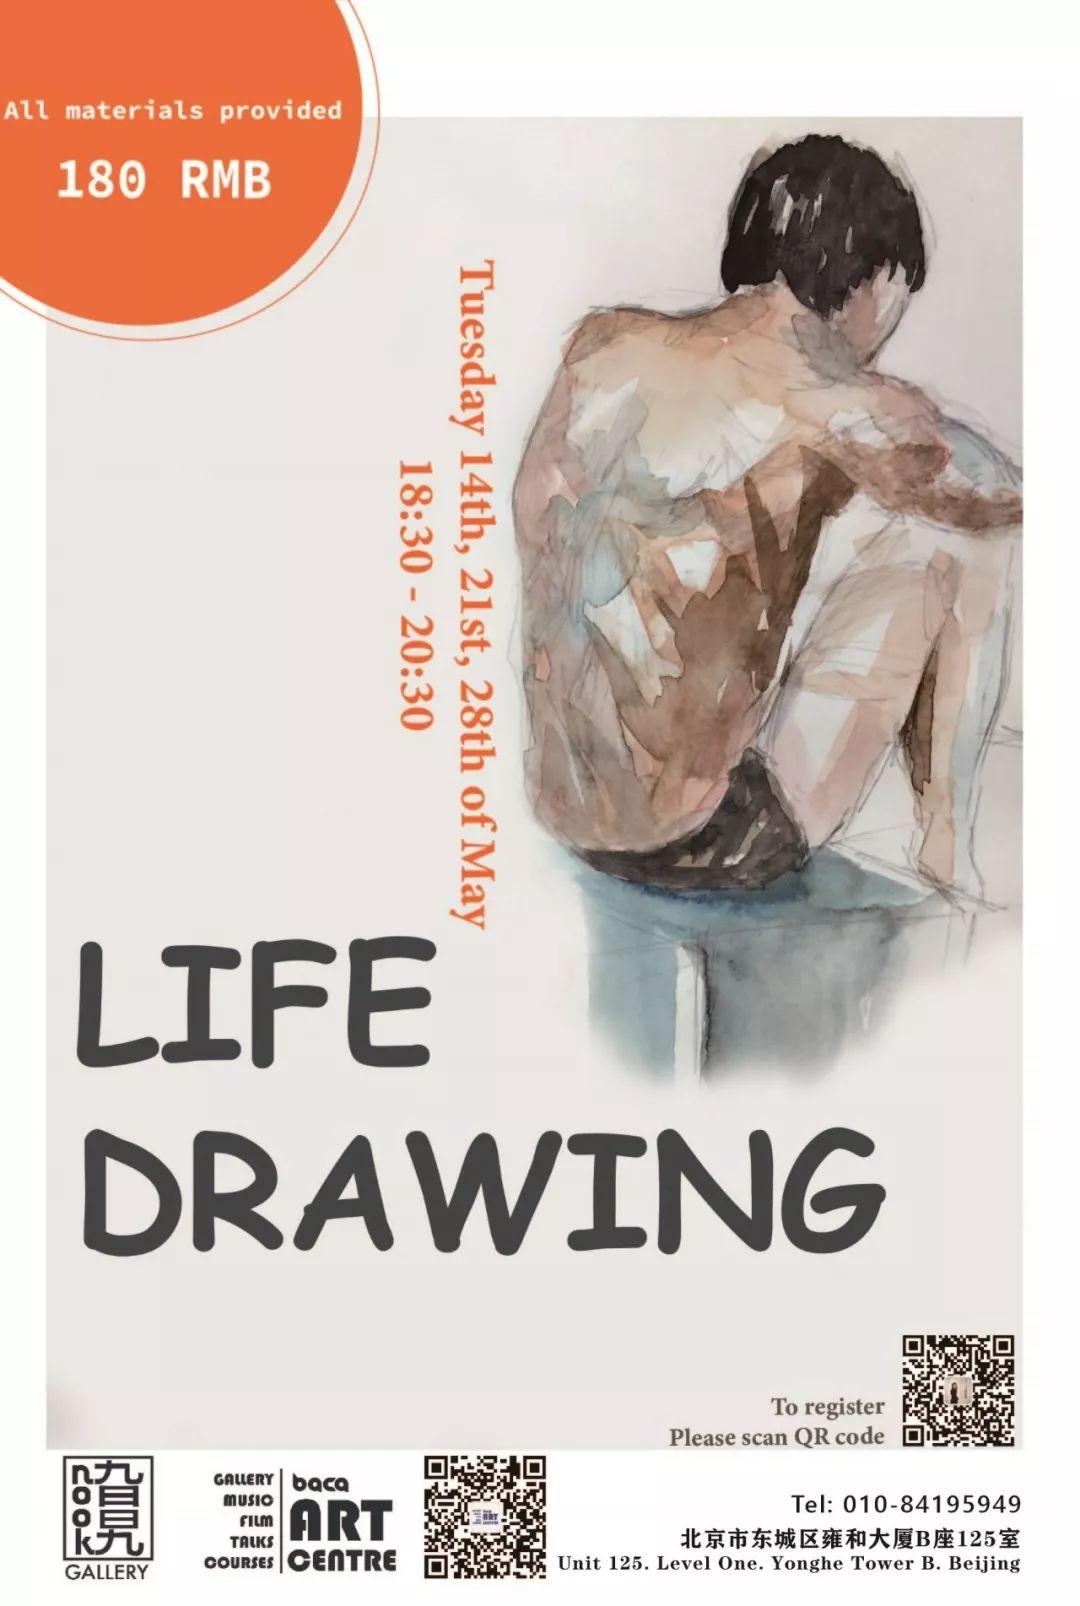 人体写生 Life Drawing | 艺术馆短期课程